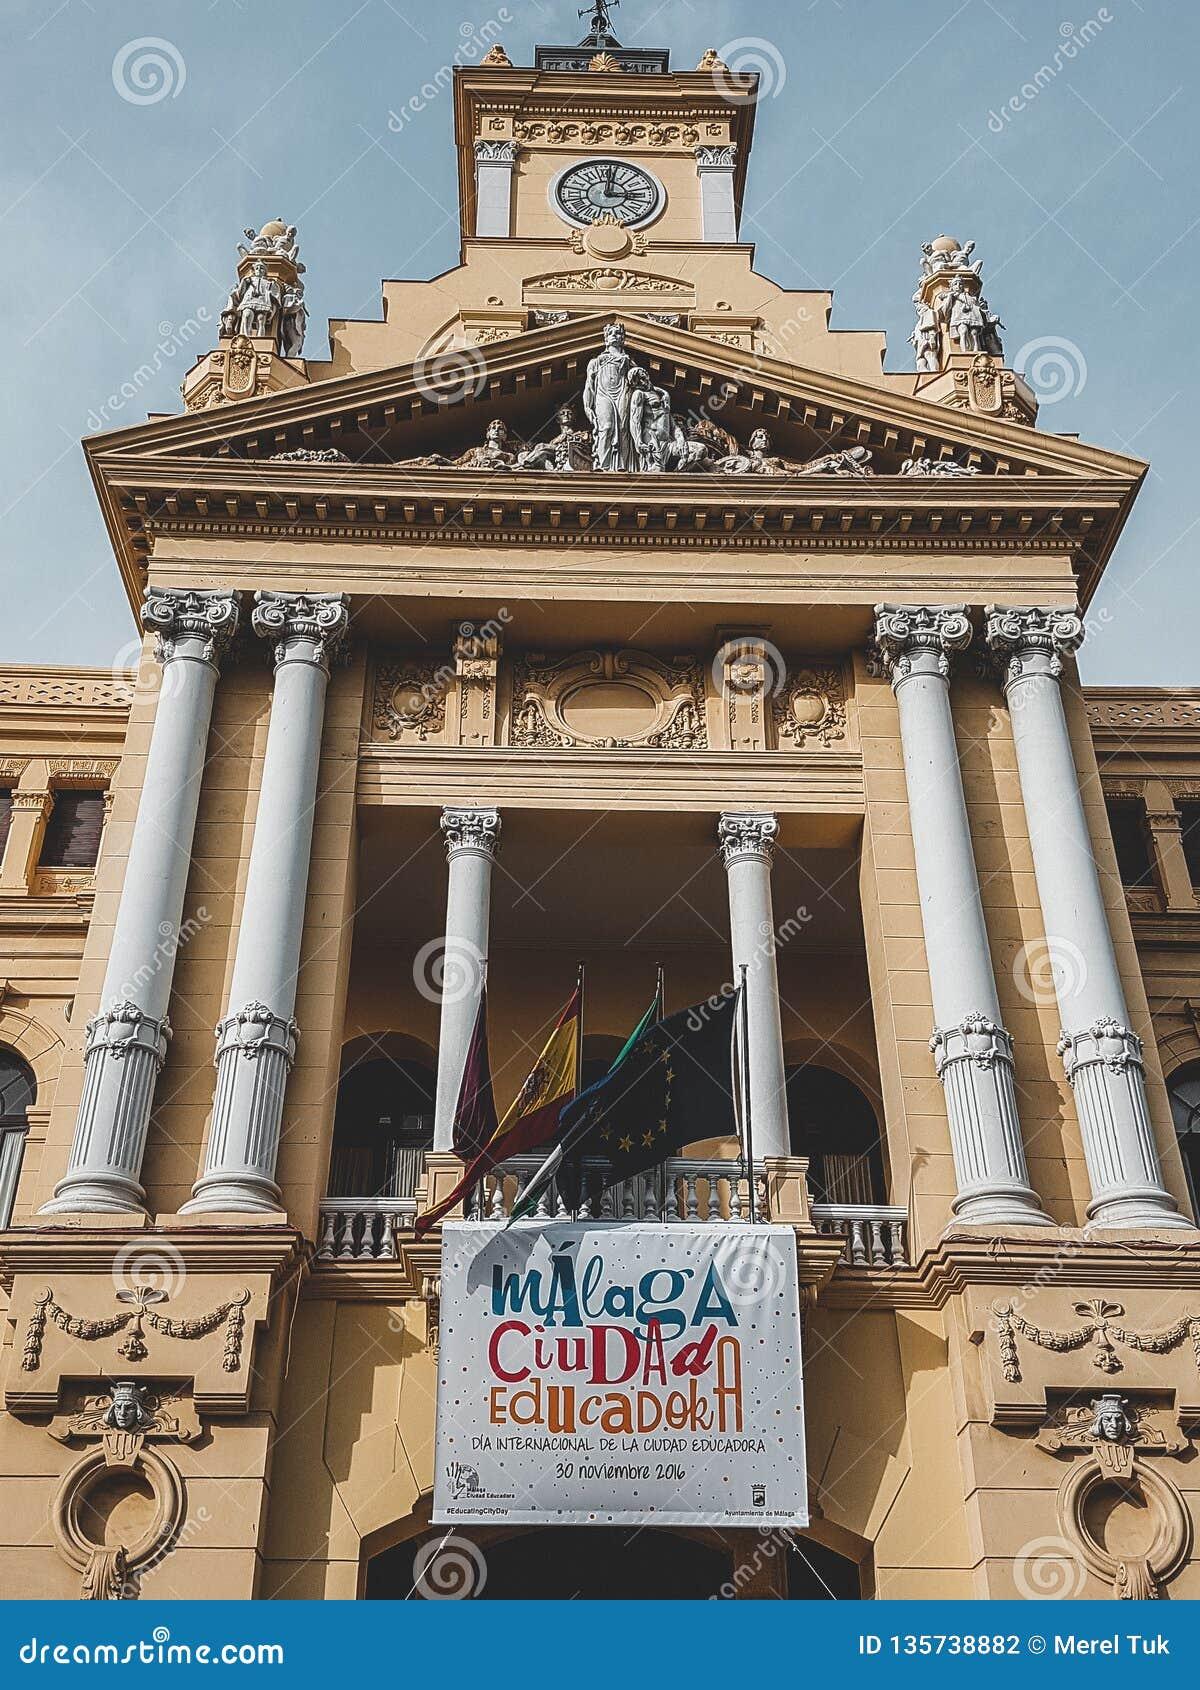 Espanha de Malaga disparada durante um studytrip